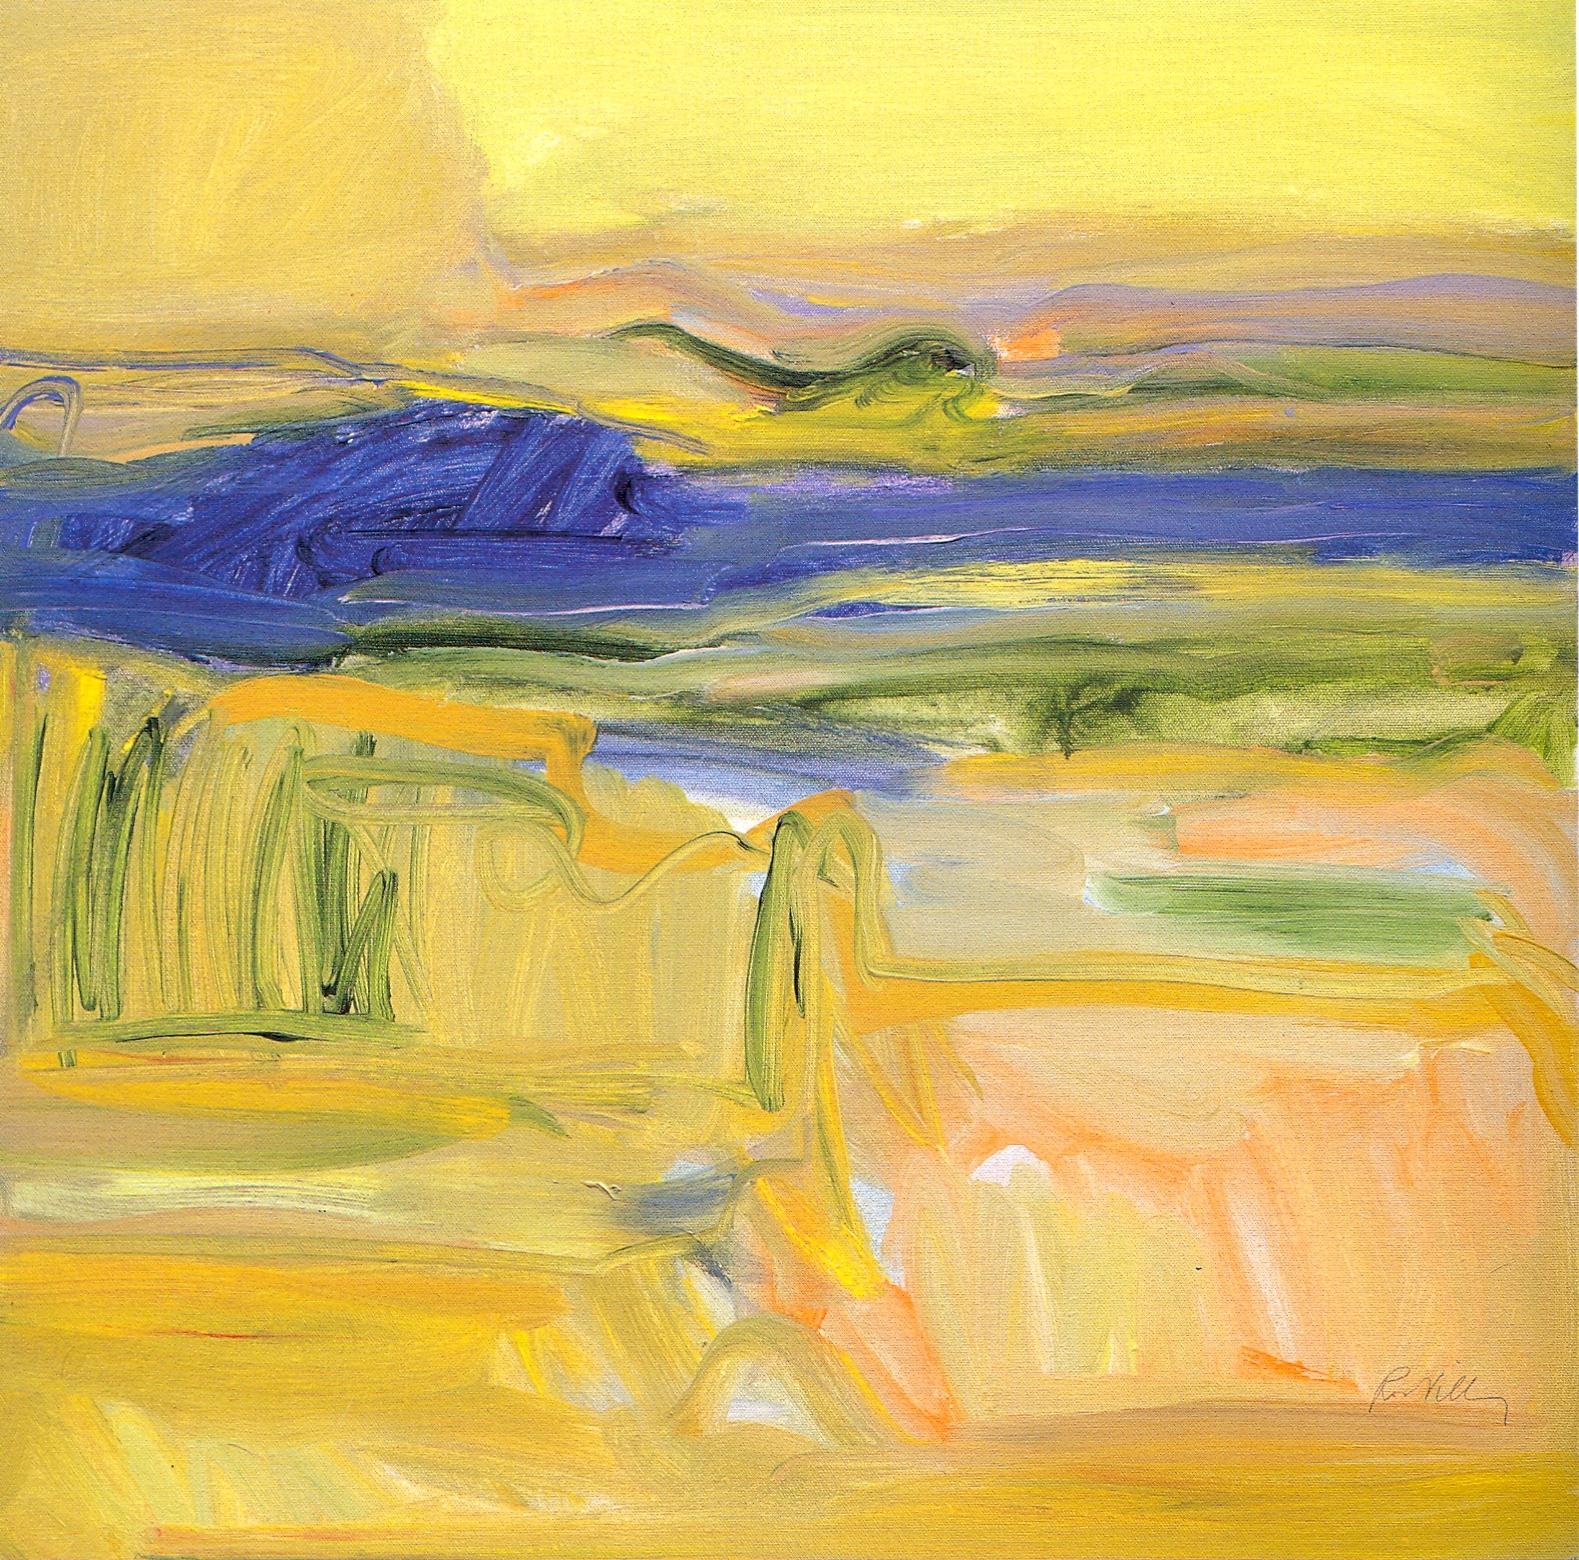 """Summer's End,   2002, Acrylic on canvas, 24"""" x 24"""""""